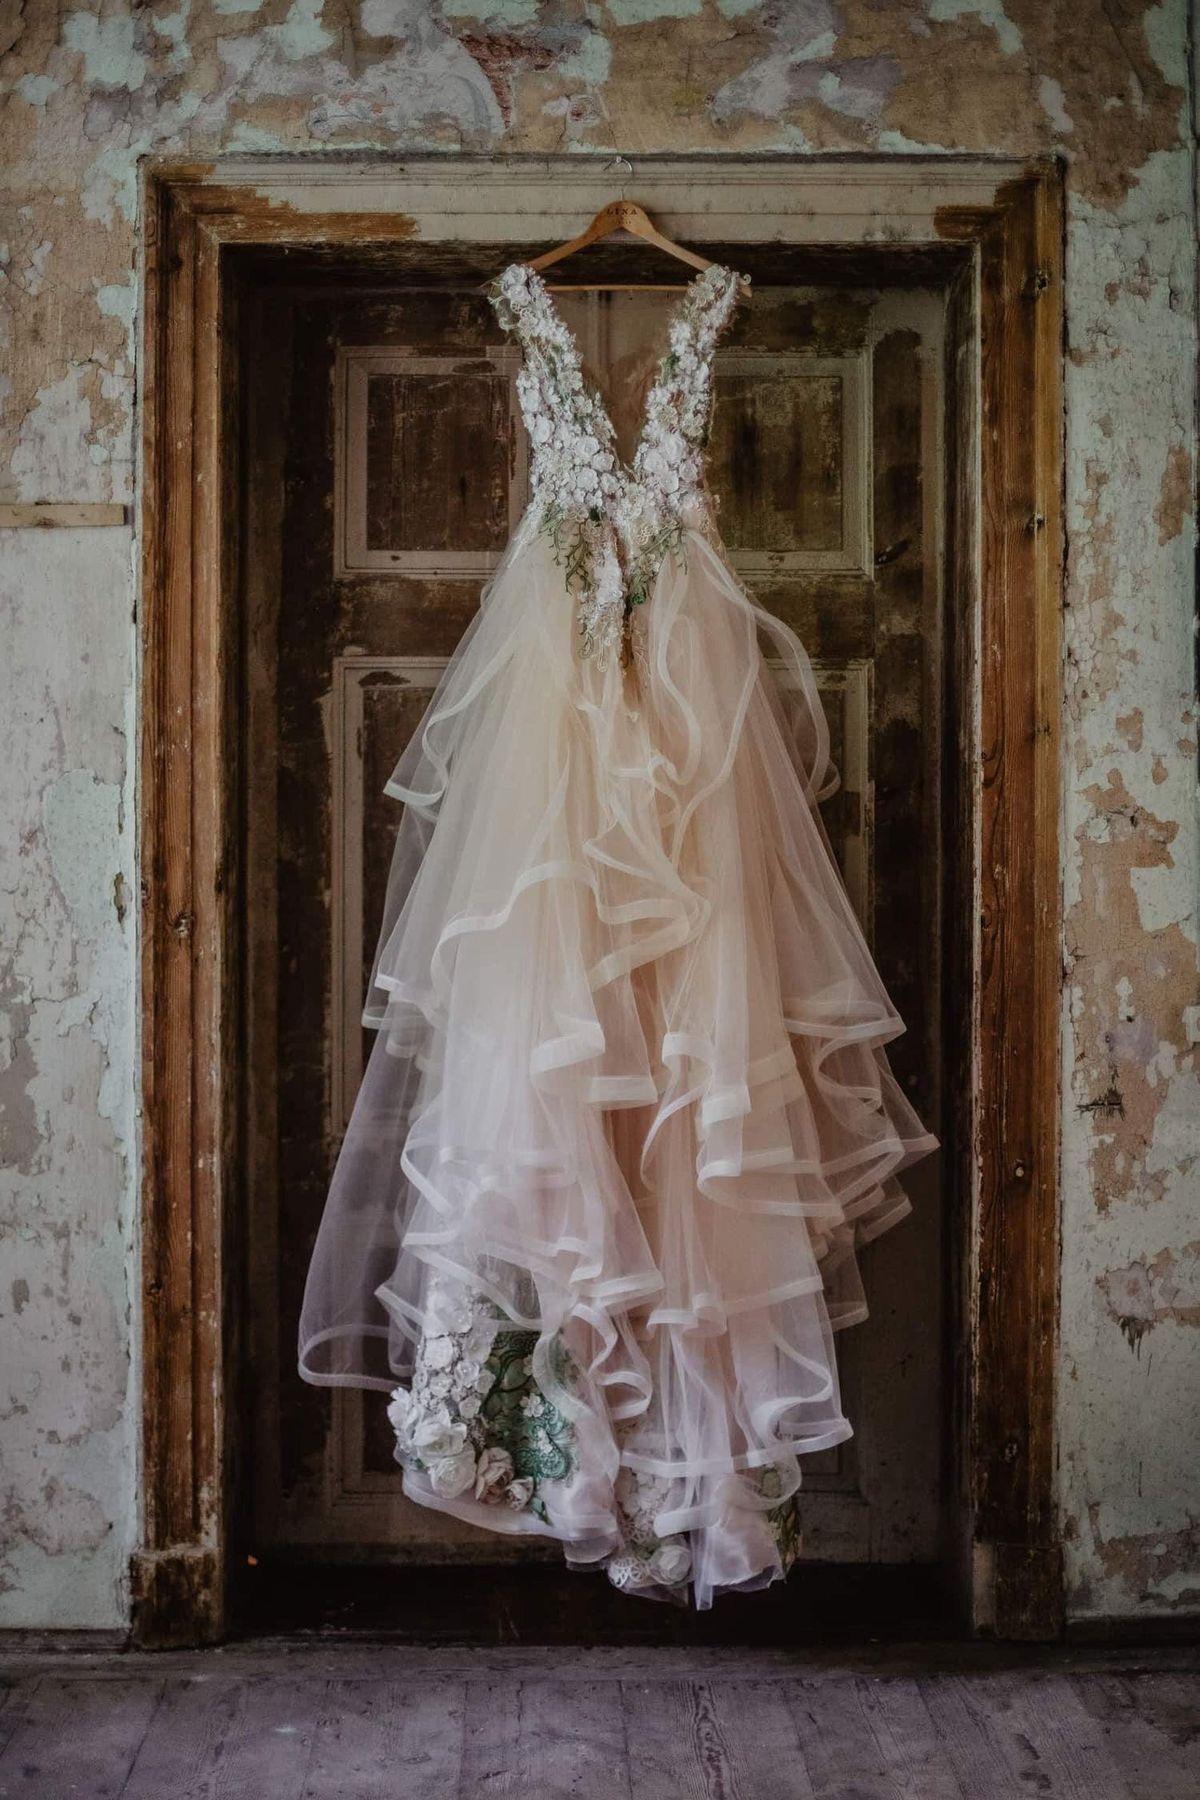 Pin By Brianna Shaw On Weddings Dream Wedding Dresses Dream Wedding Ivory Bridal